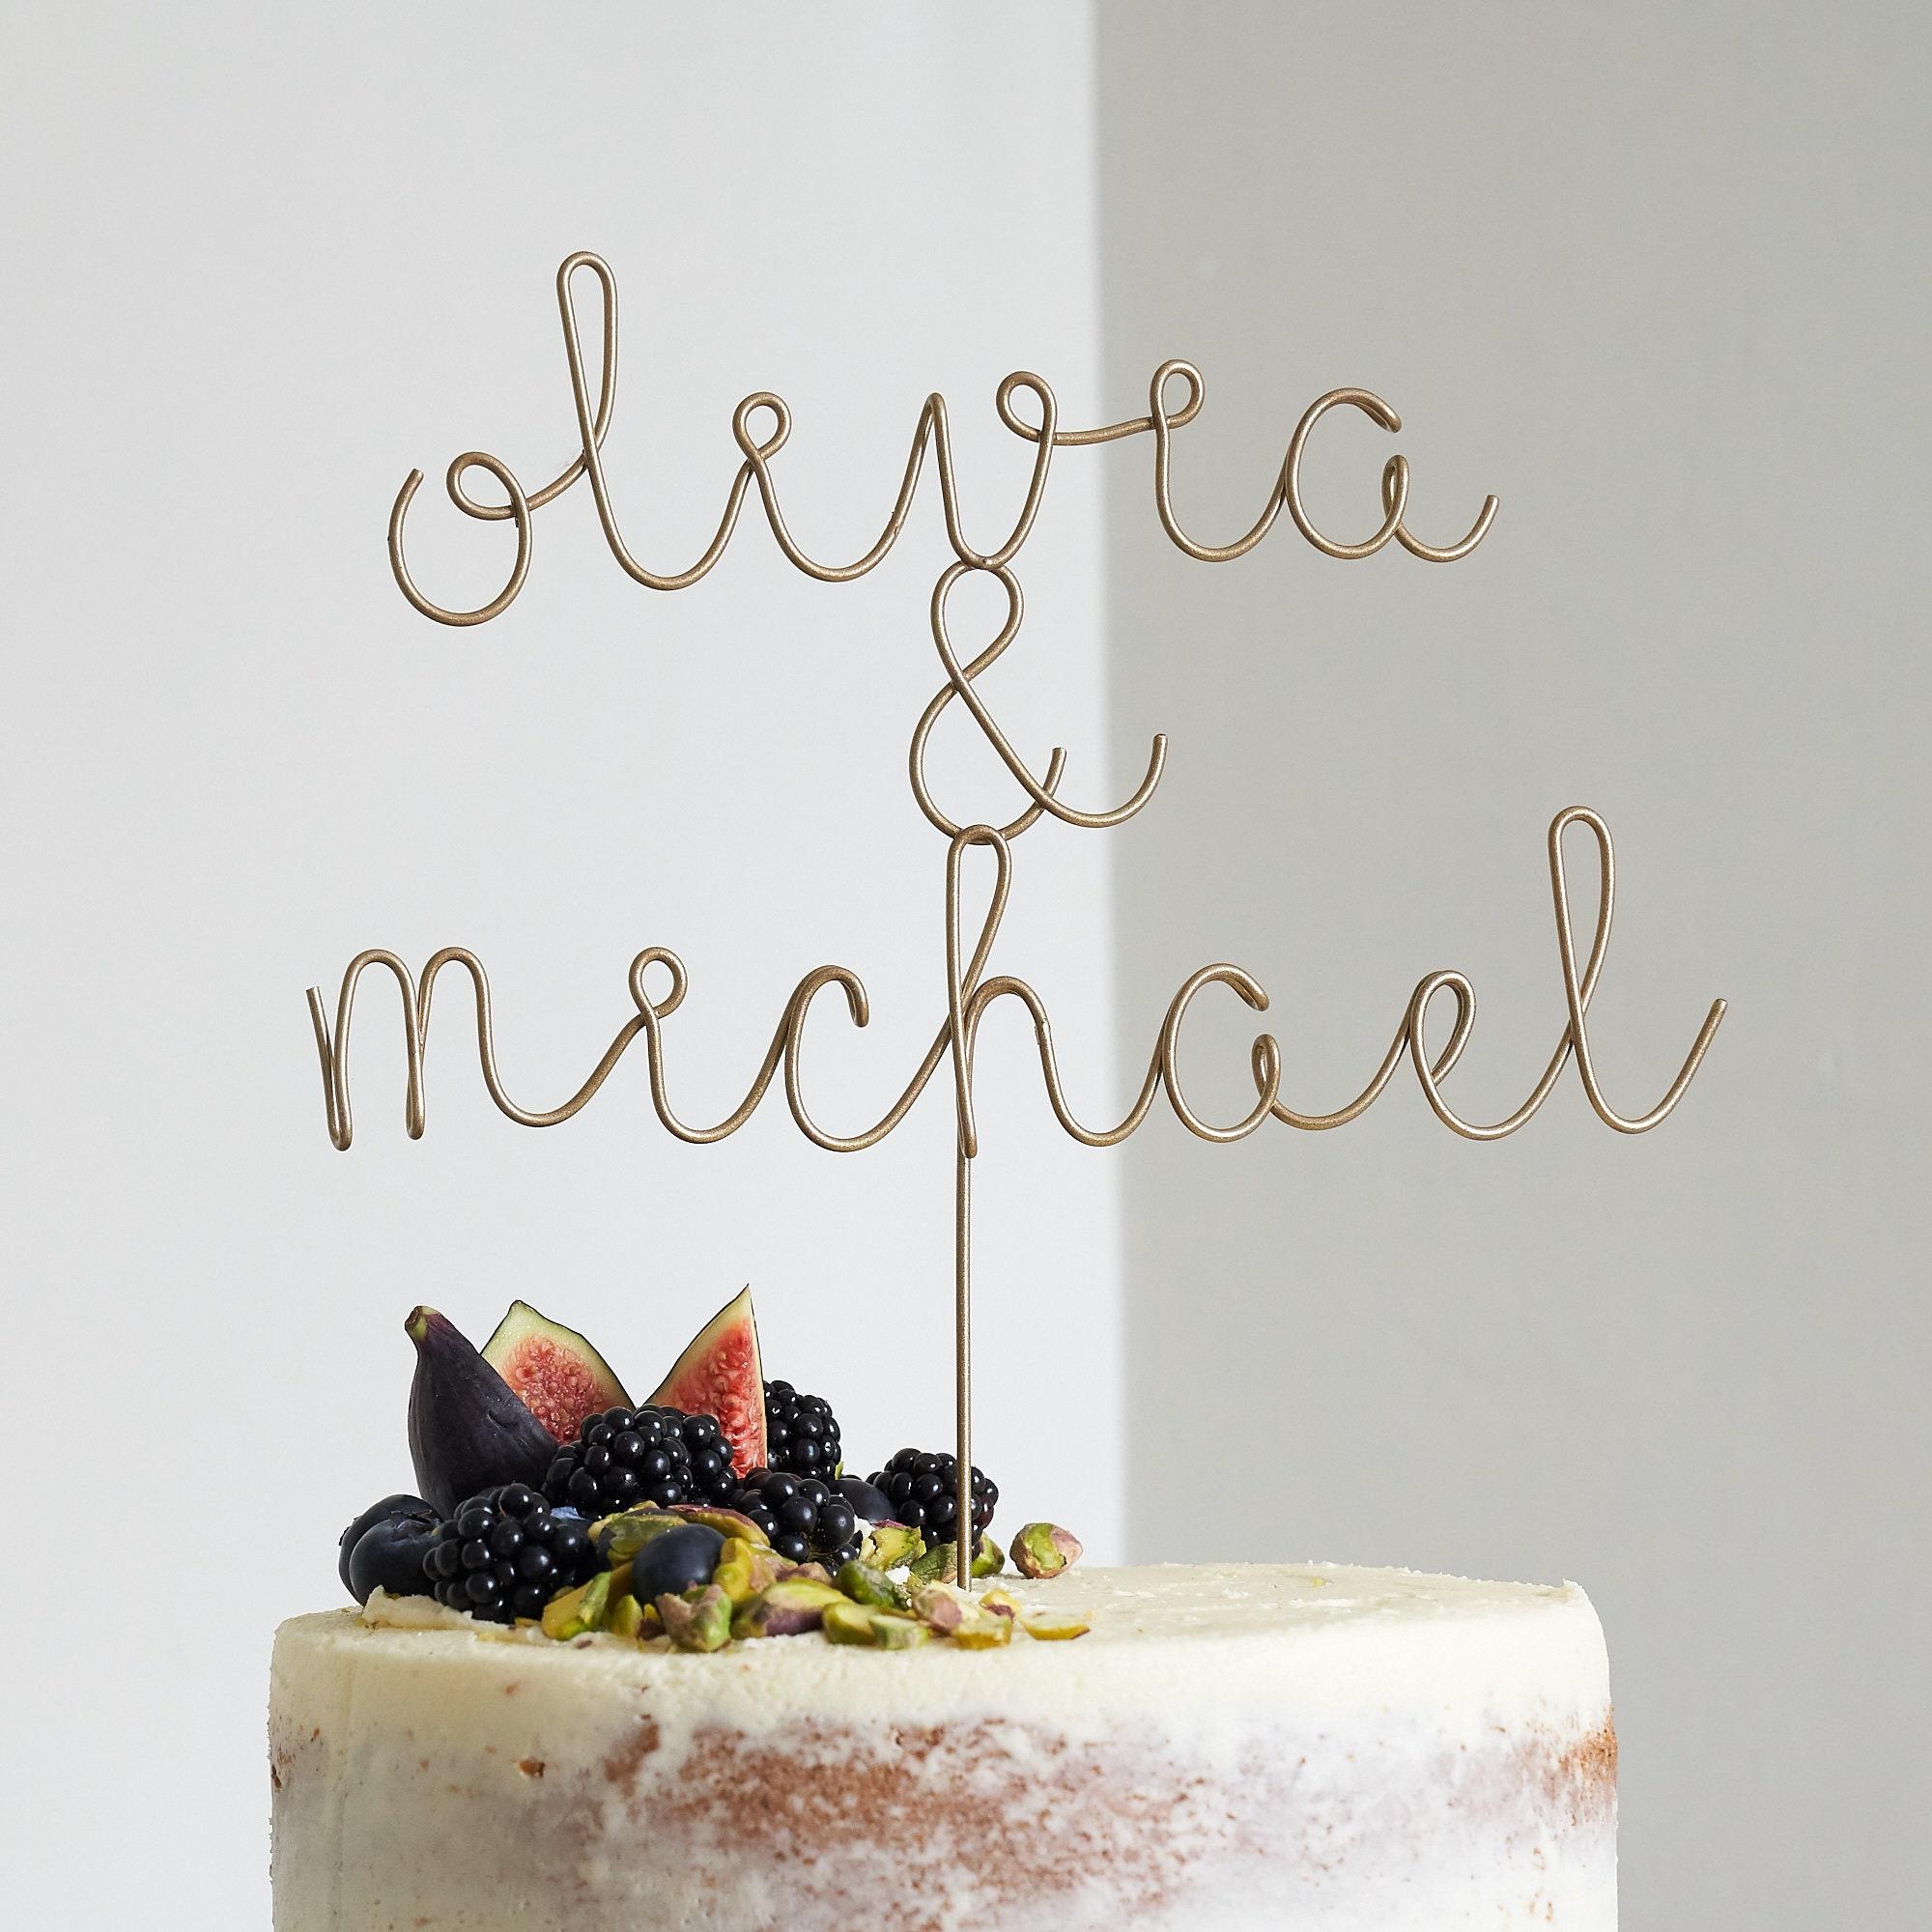 Enchanting Wedding Cakes Hereford Gift - Wedding Idea 2018 ...